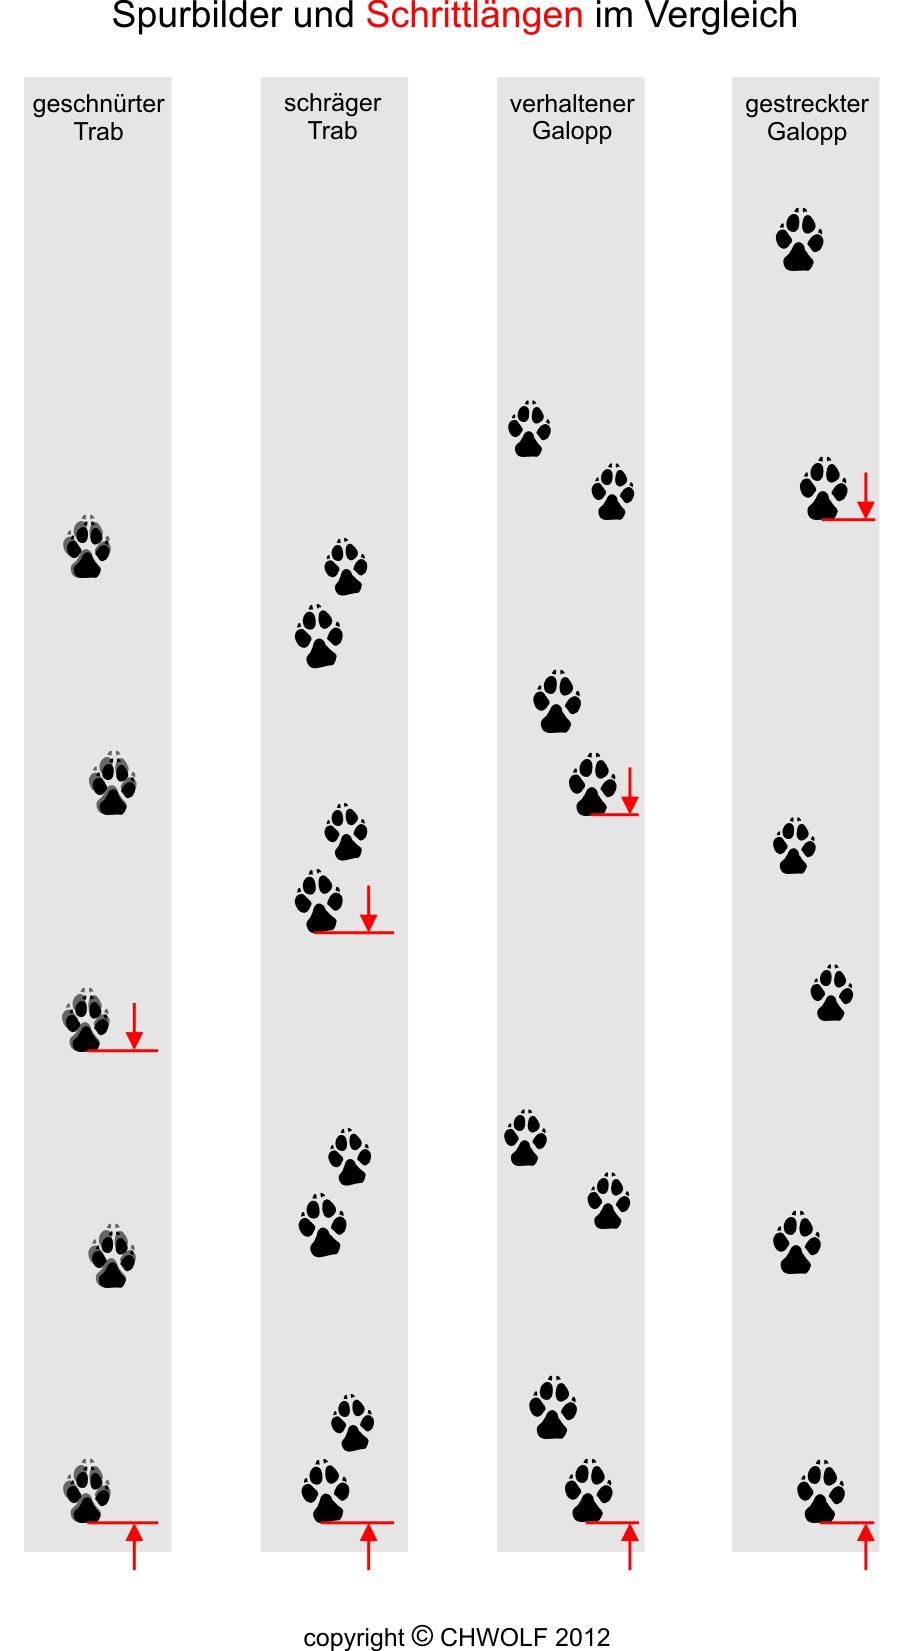 http://chwolf.org/assets/graphics/content/woelfe-kennenlernen/Spurbilder_Schrittlaengen.jpg